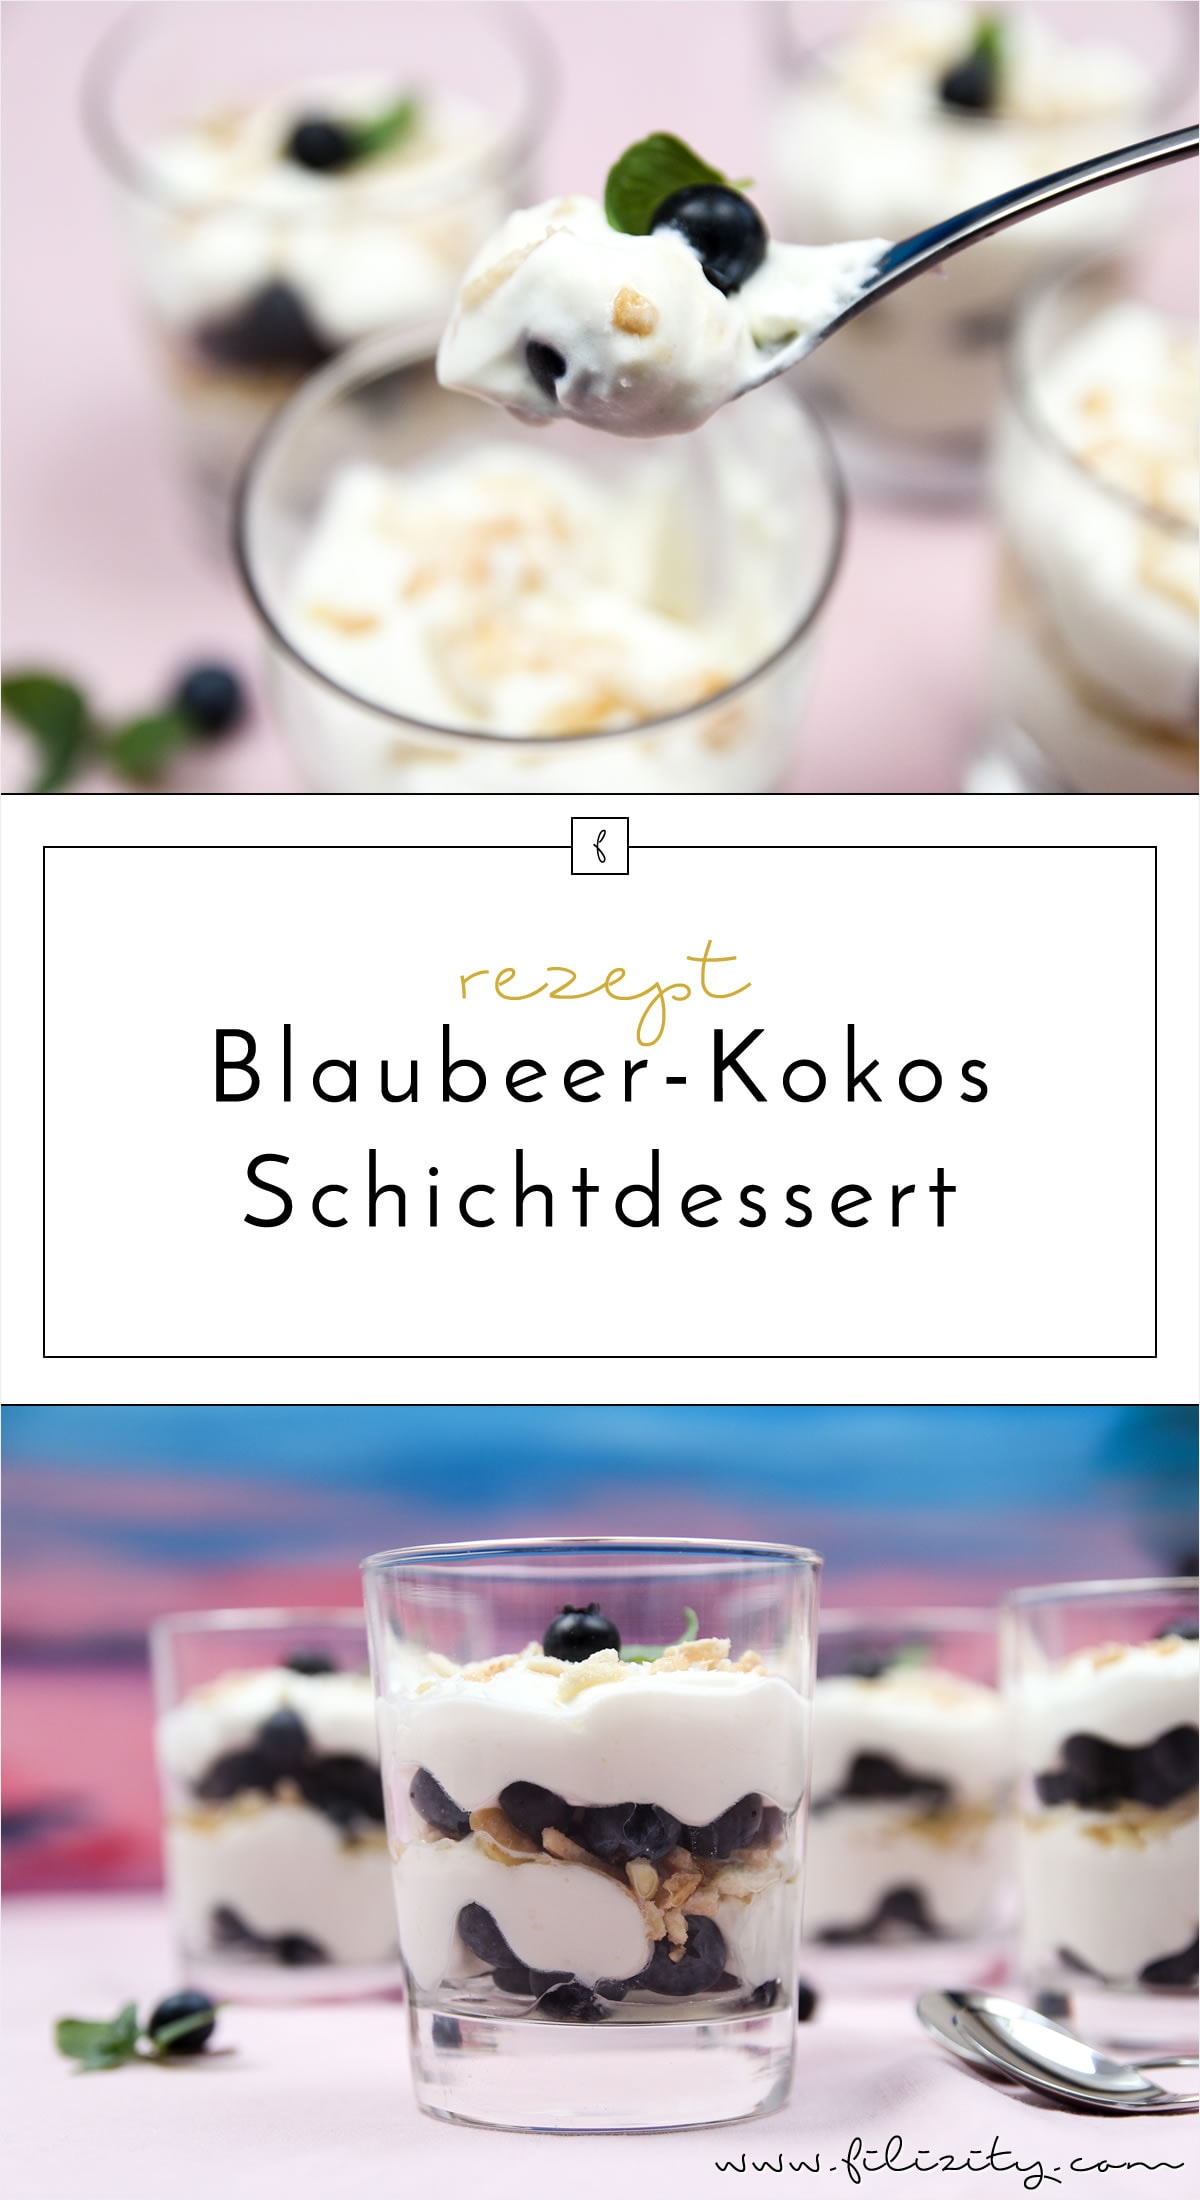 Sommer-Rezept: Blaubeer-Frischkäse-Schichtdessert mit Kokos